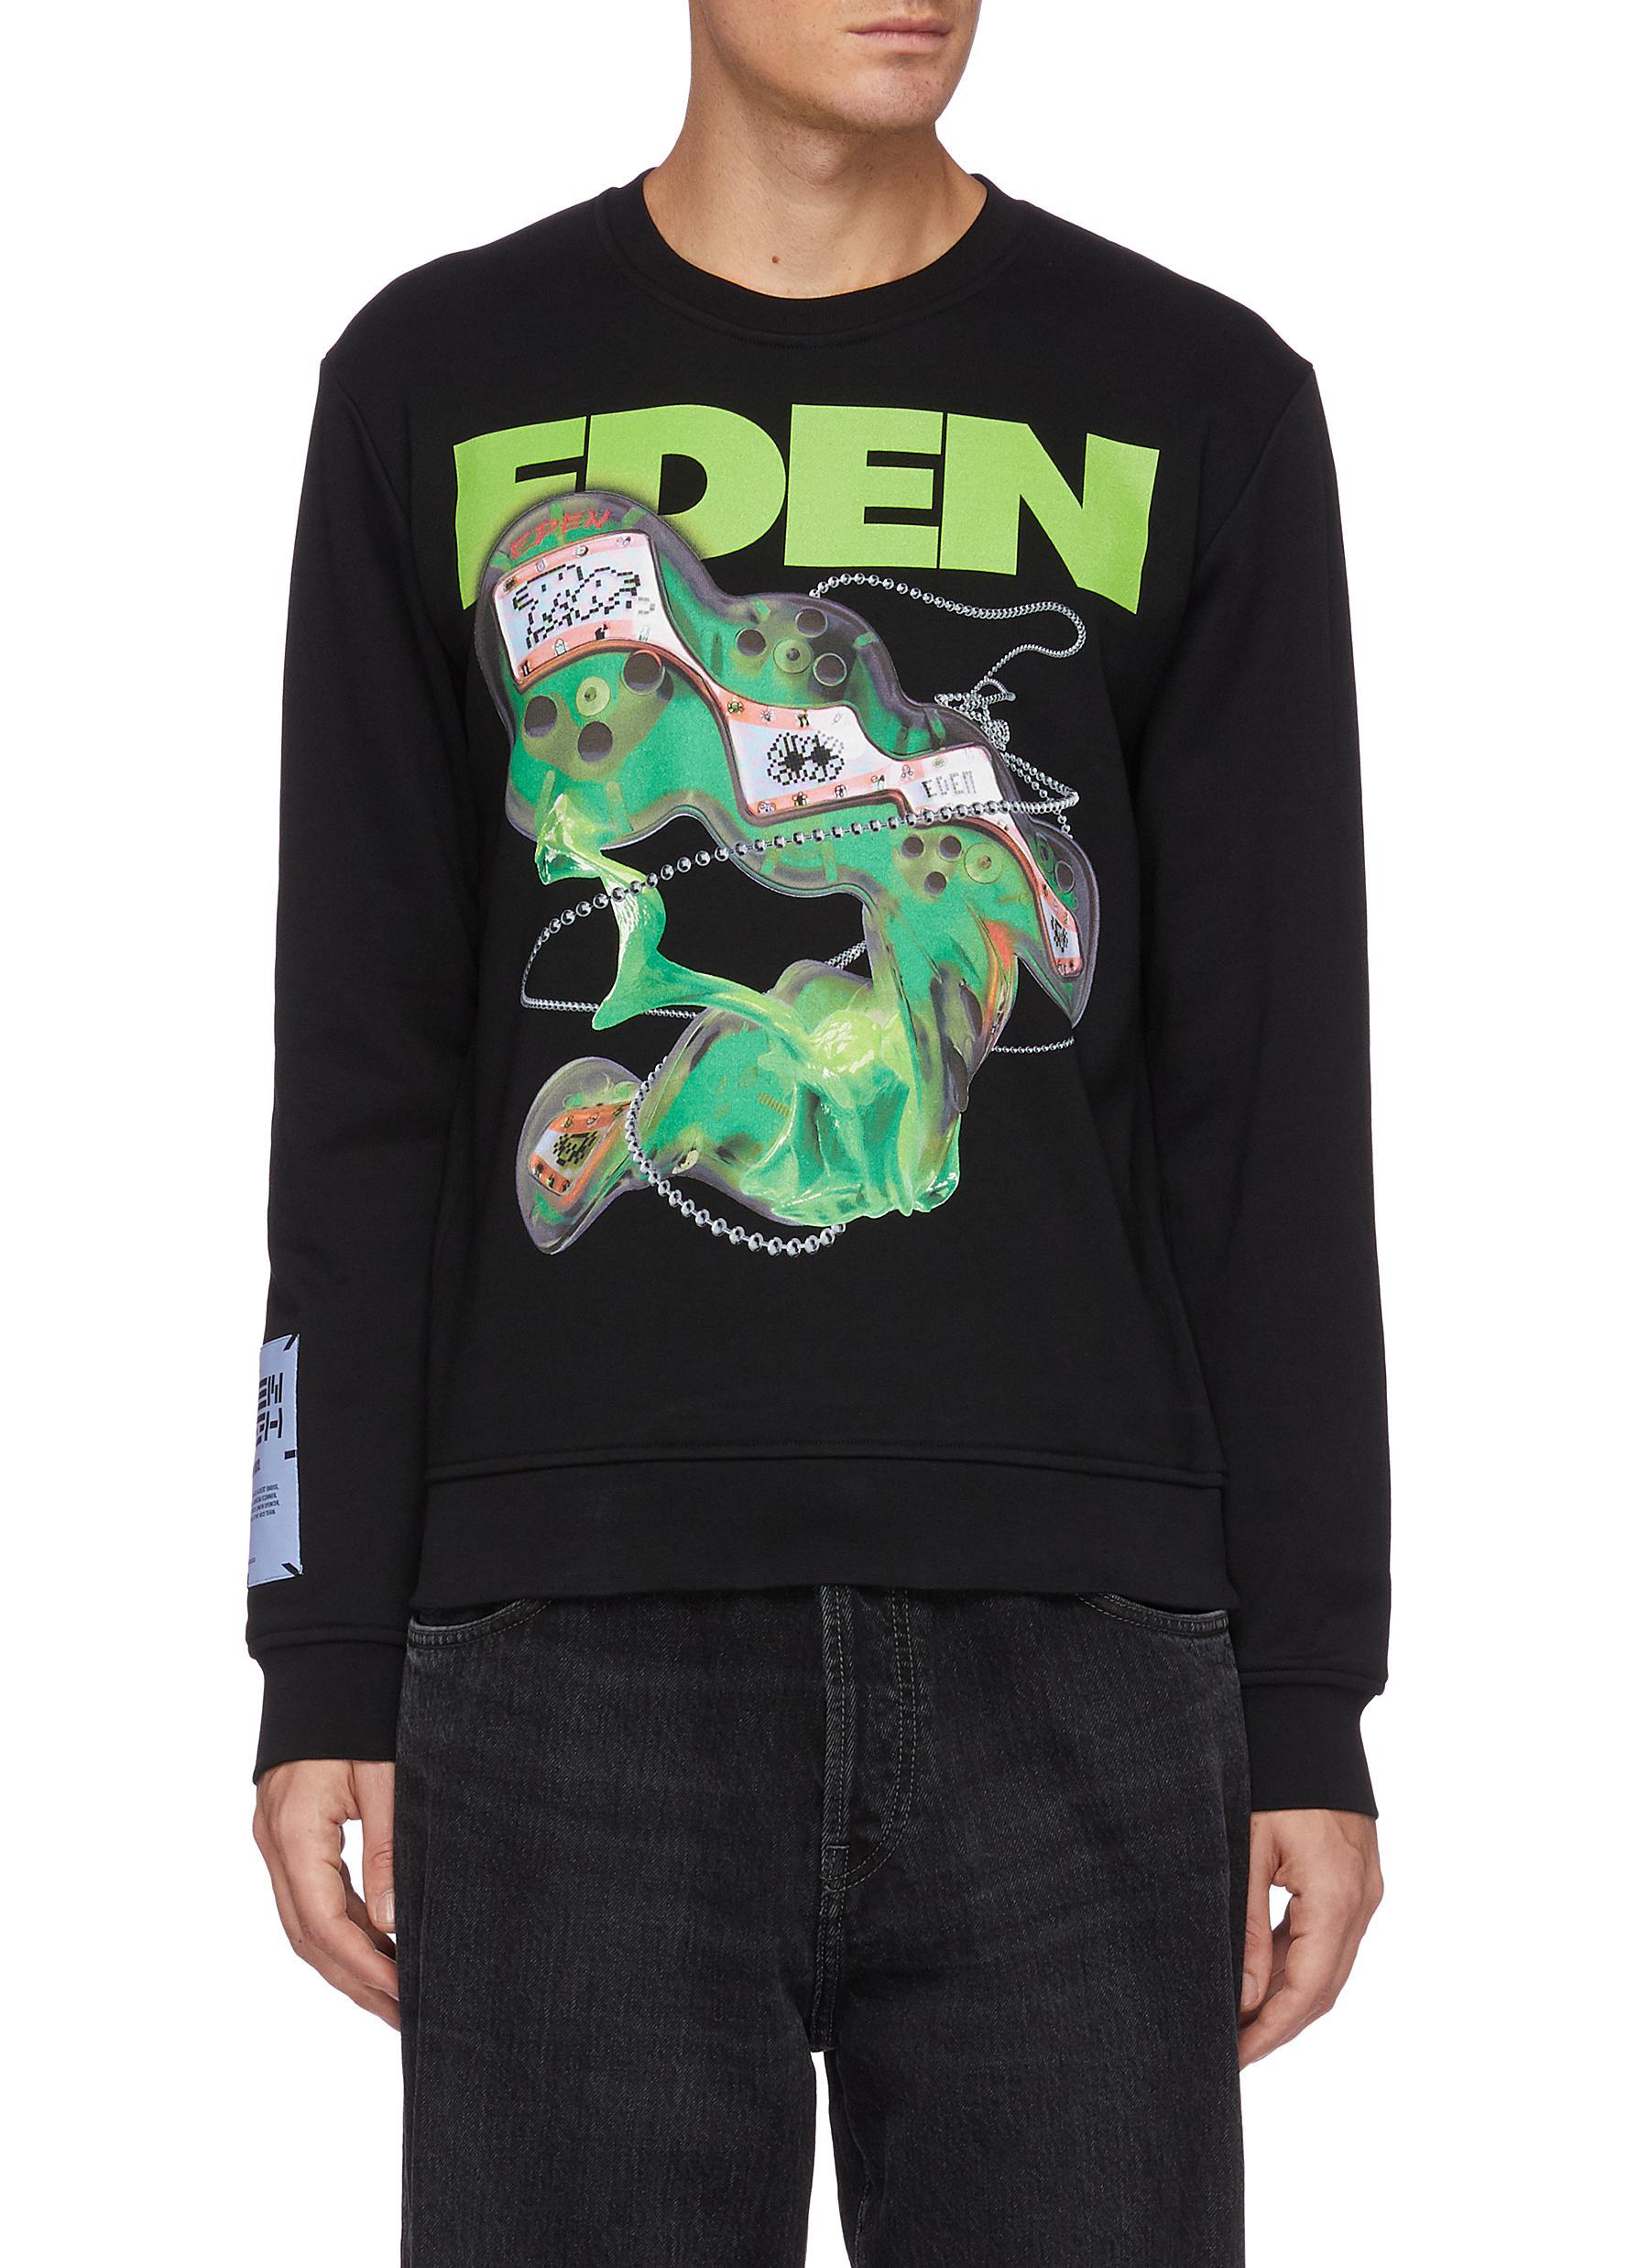 Eden Fascination graphic print sweatshirt